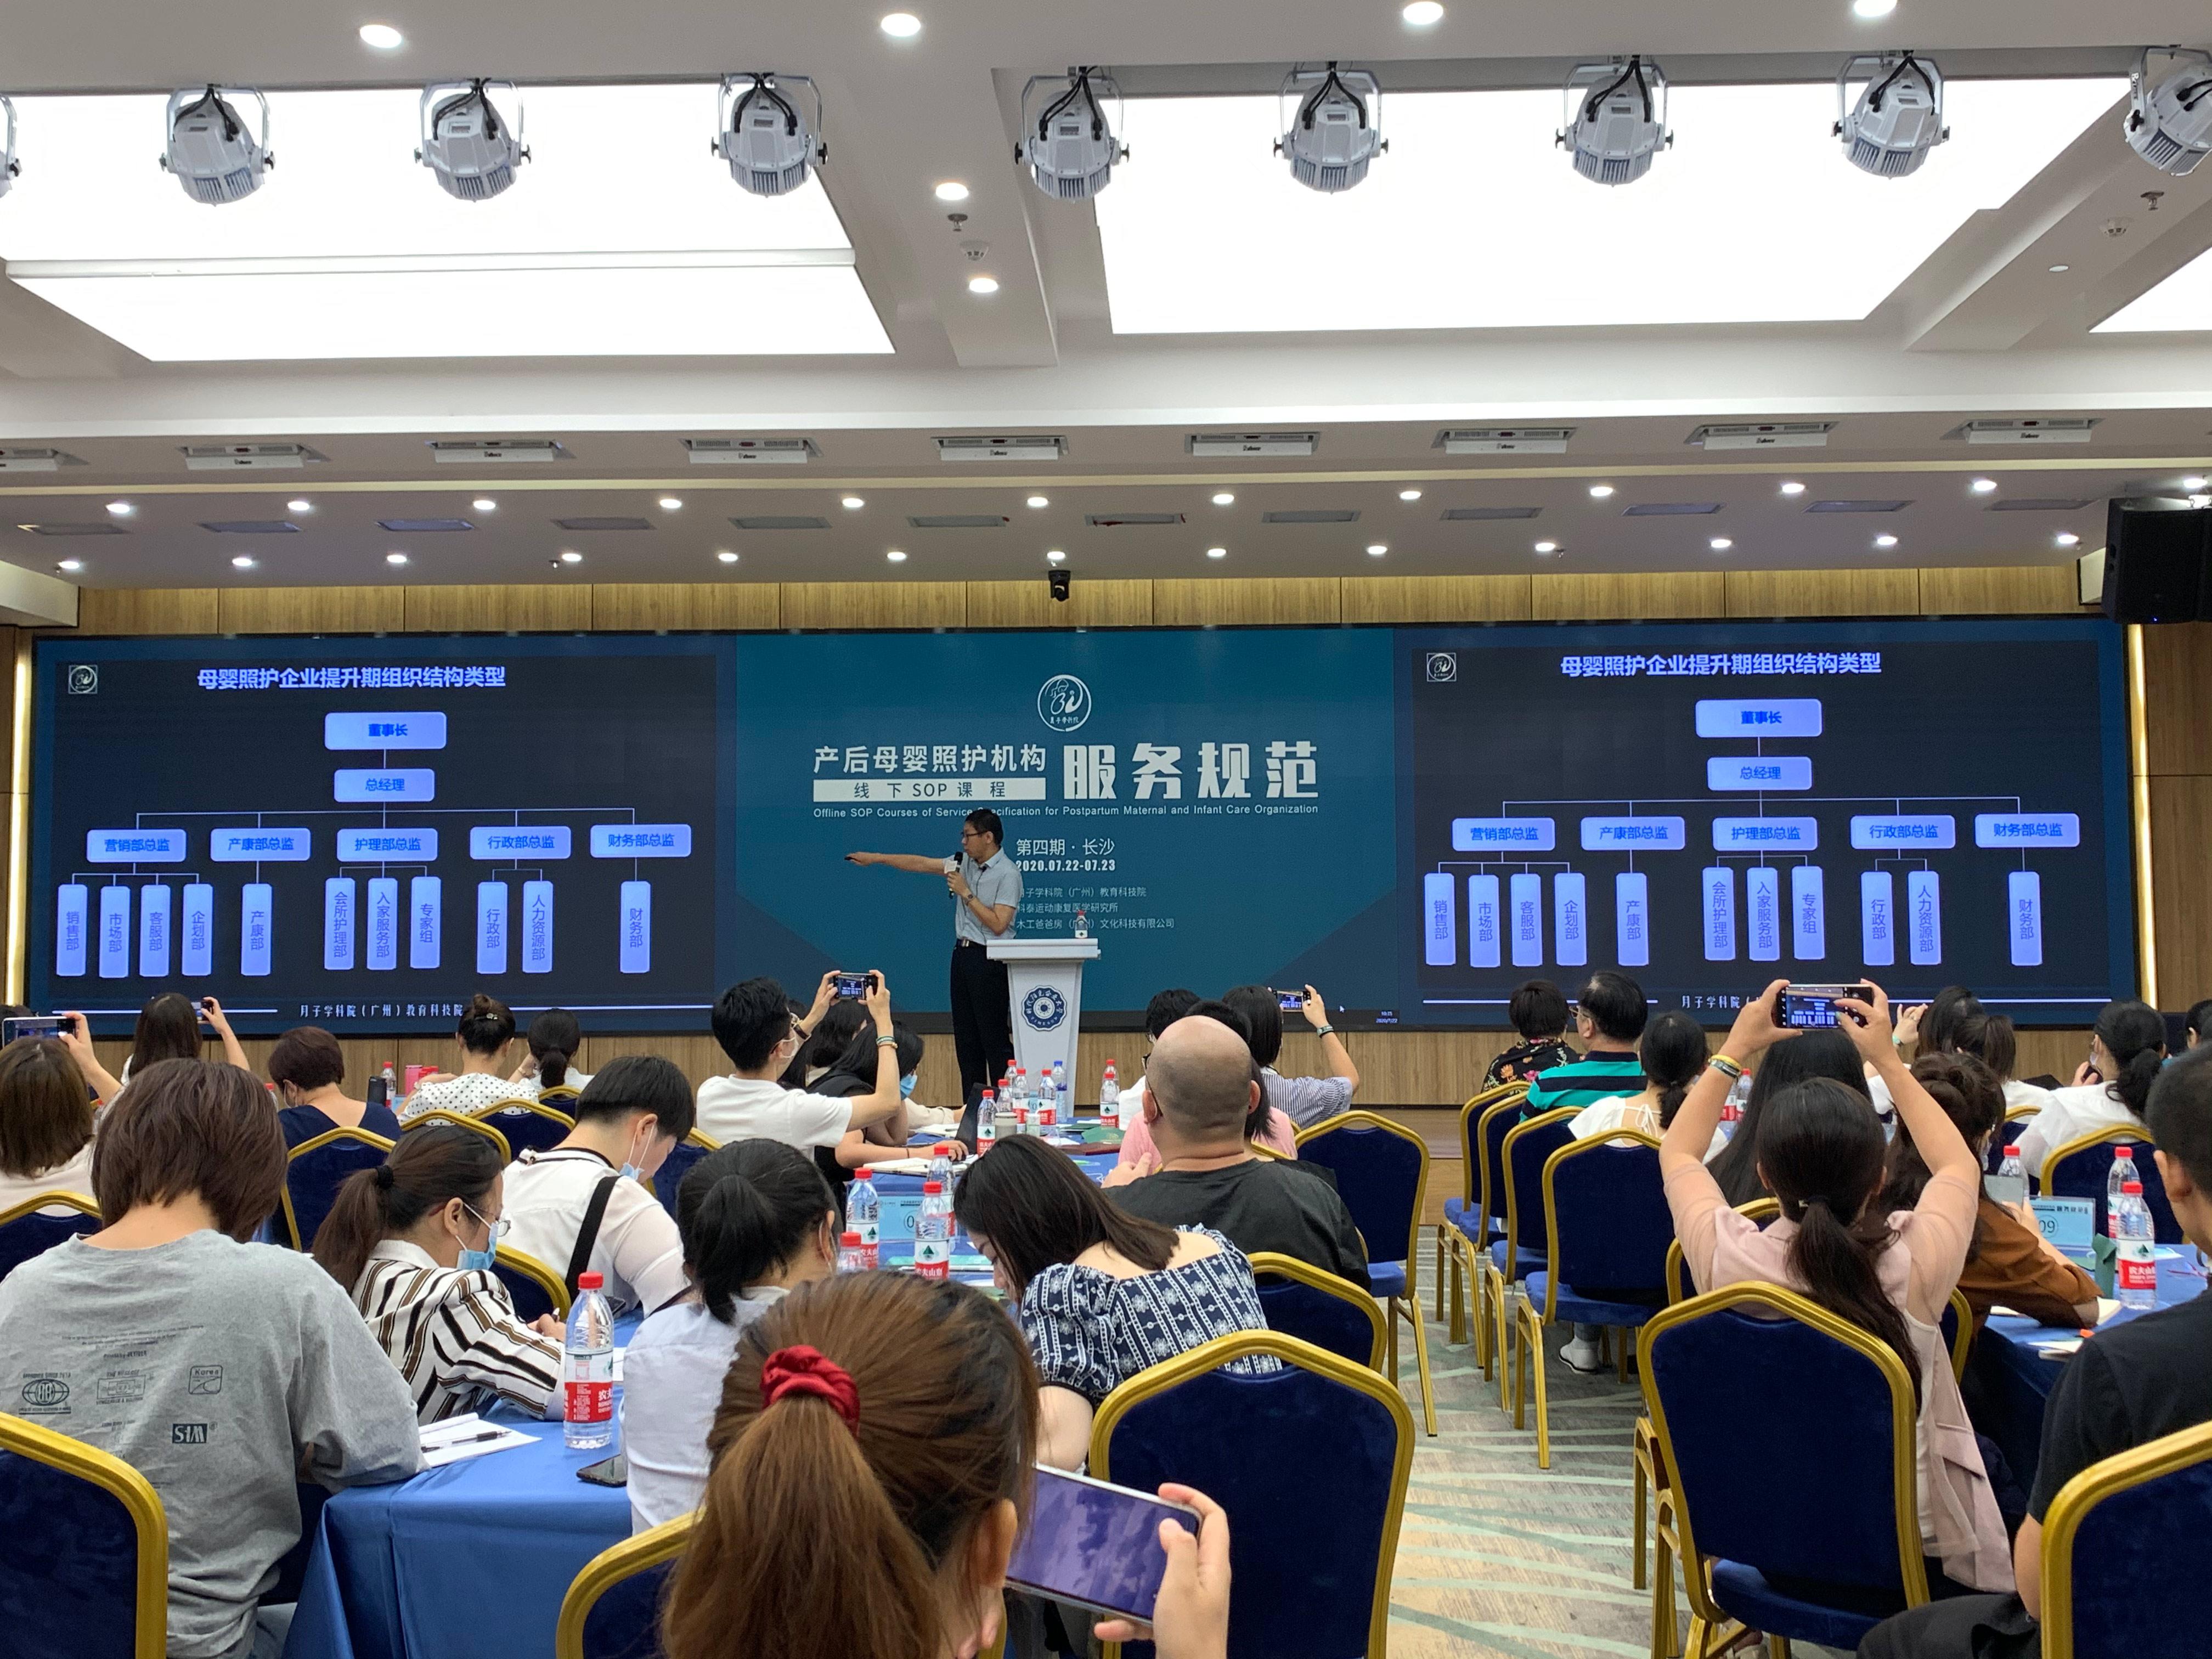 桂阳县移民局领导实地考察湖南万妙健康产业集团旗下培训学校